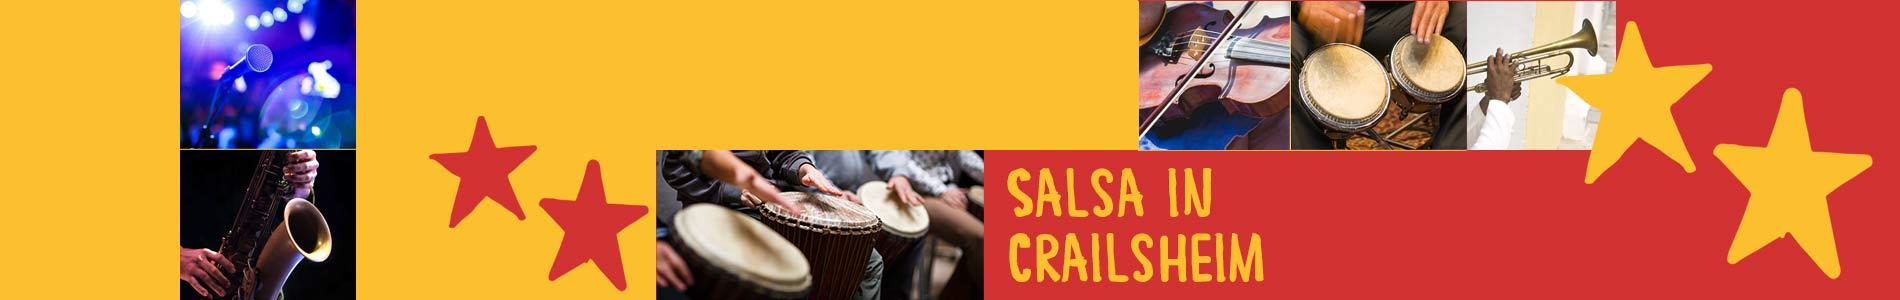 Salsa in Crailsheim – Salsa lernen und tanzen, Tanzkurse, Partys, Veranstaltungen